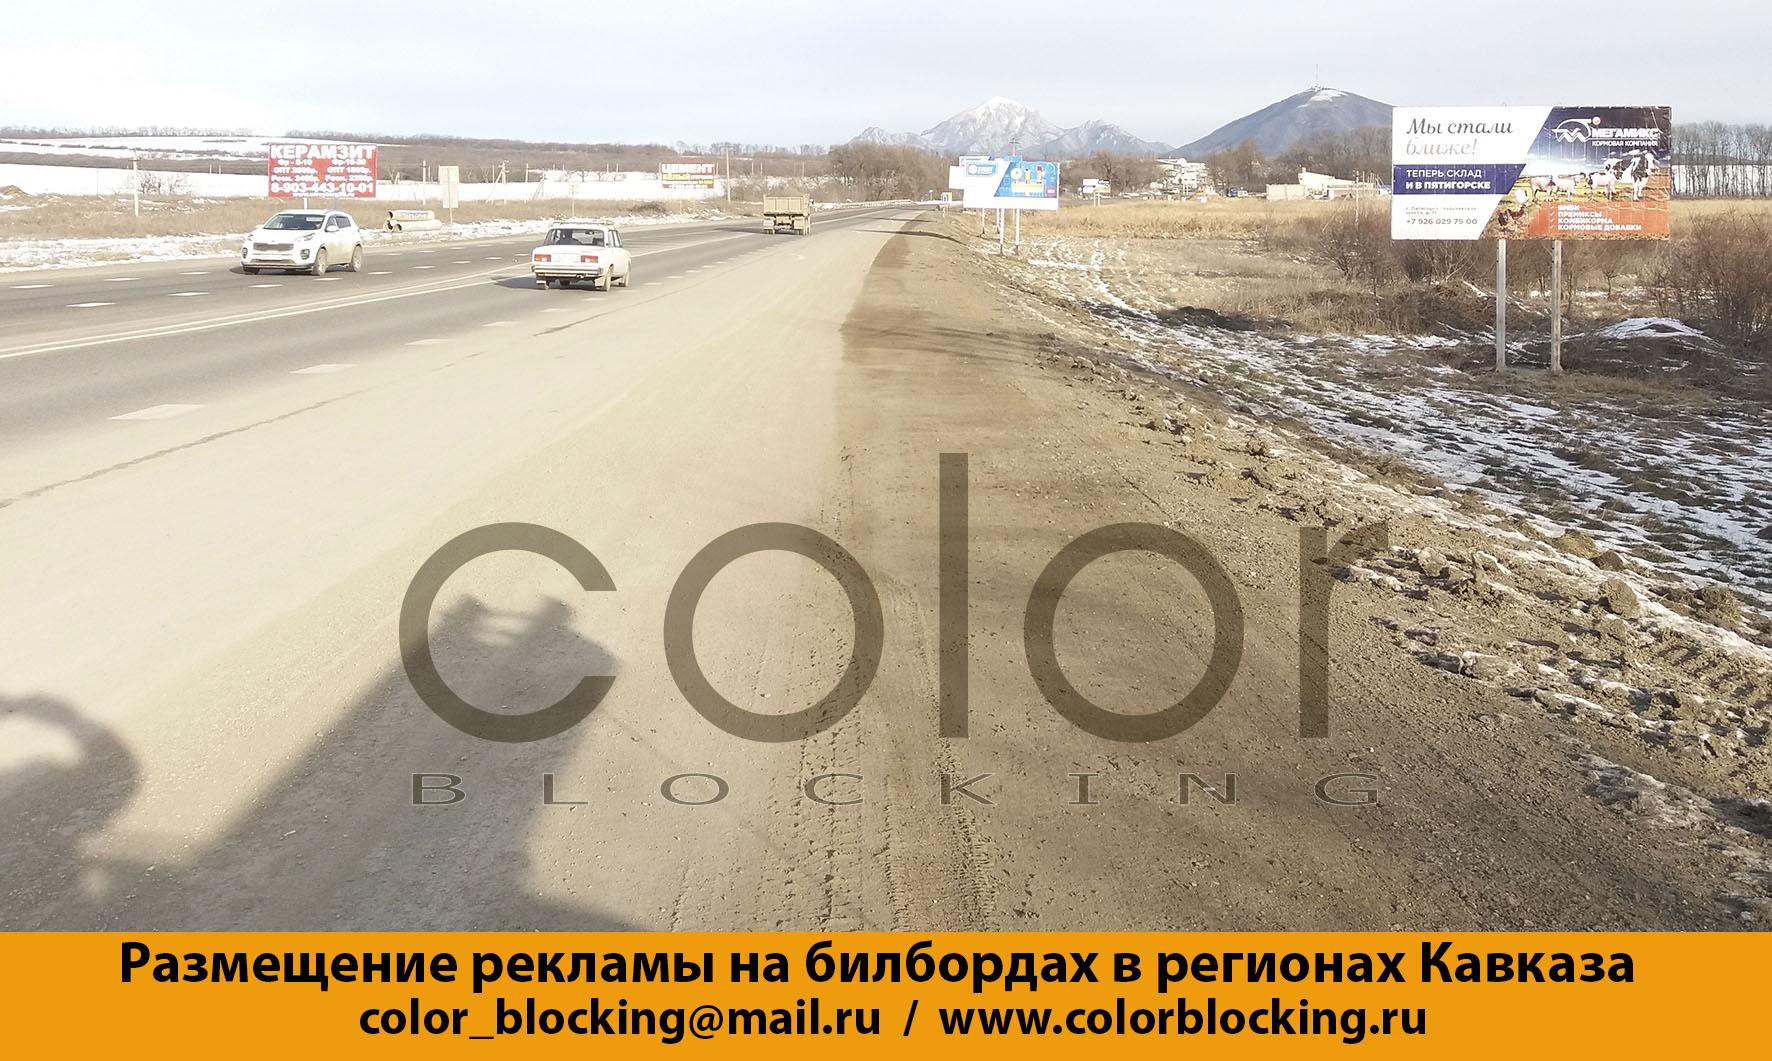 Реклама на билбордах на Кавказе Пятигорск